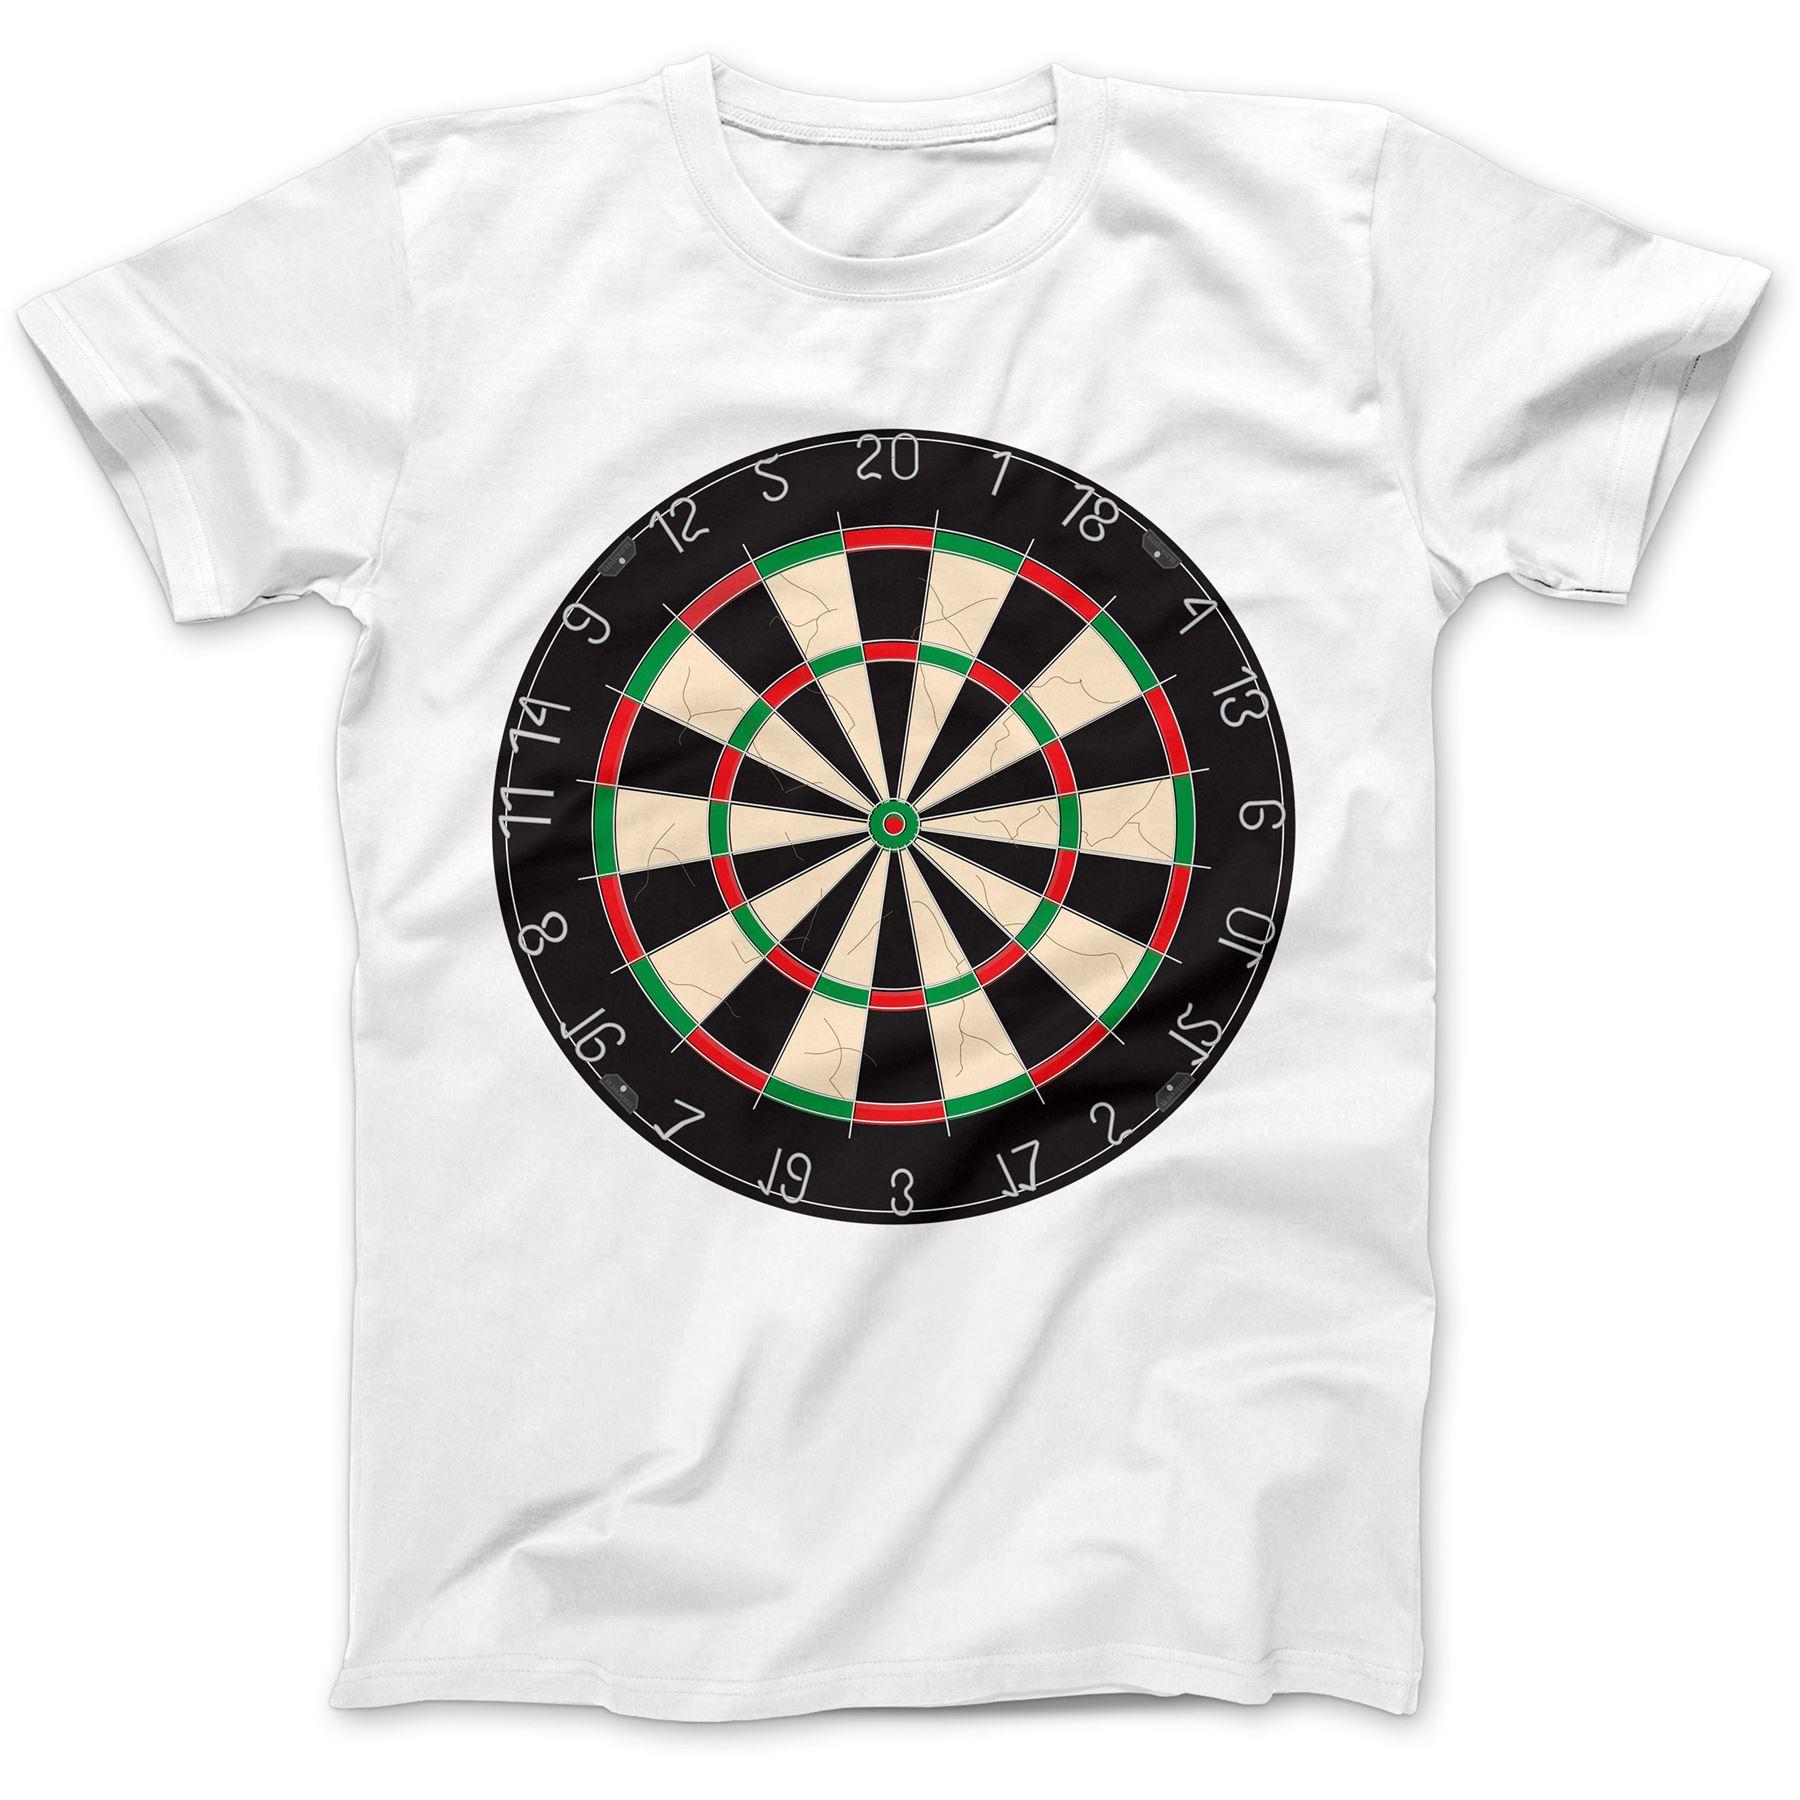 Dartboard-Dardos-Dart-Jugador-Camiseta-100-Algodon-Premium-Phil-Taylor-van-Gerwen